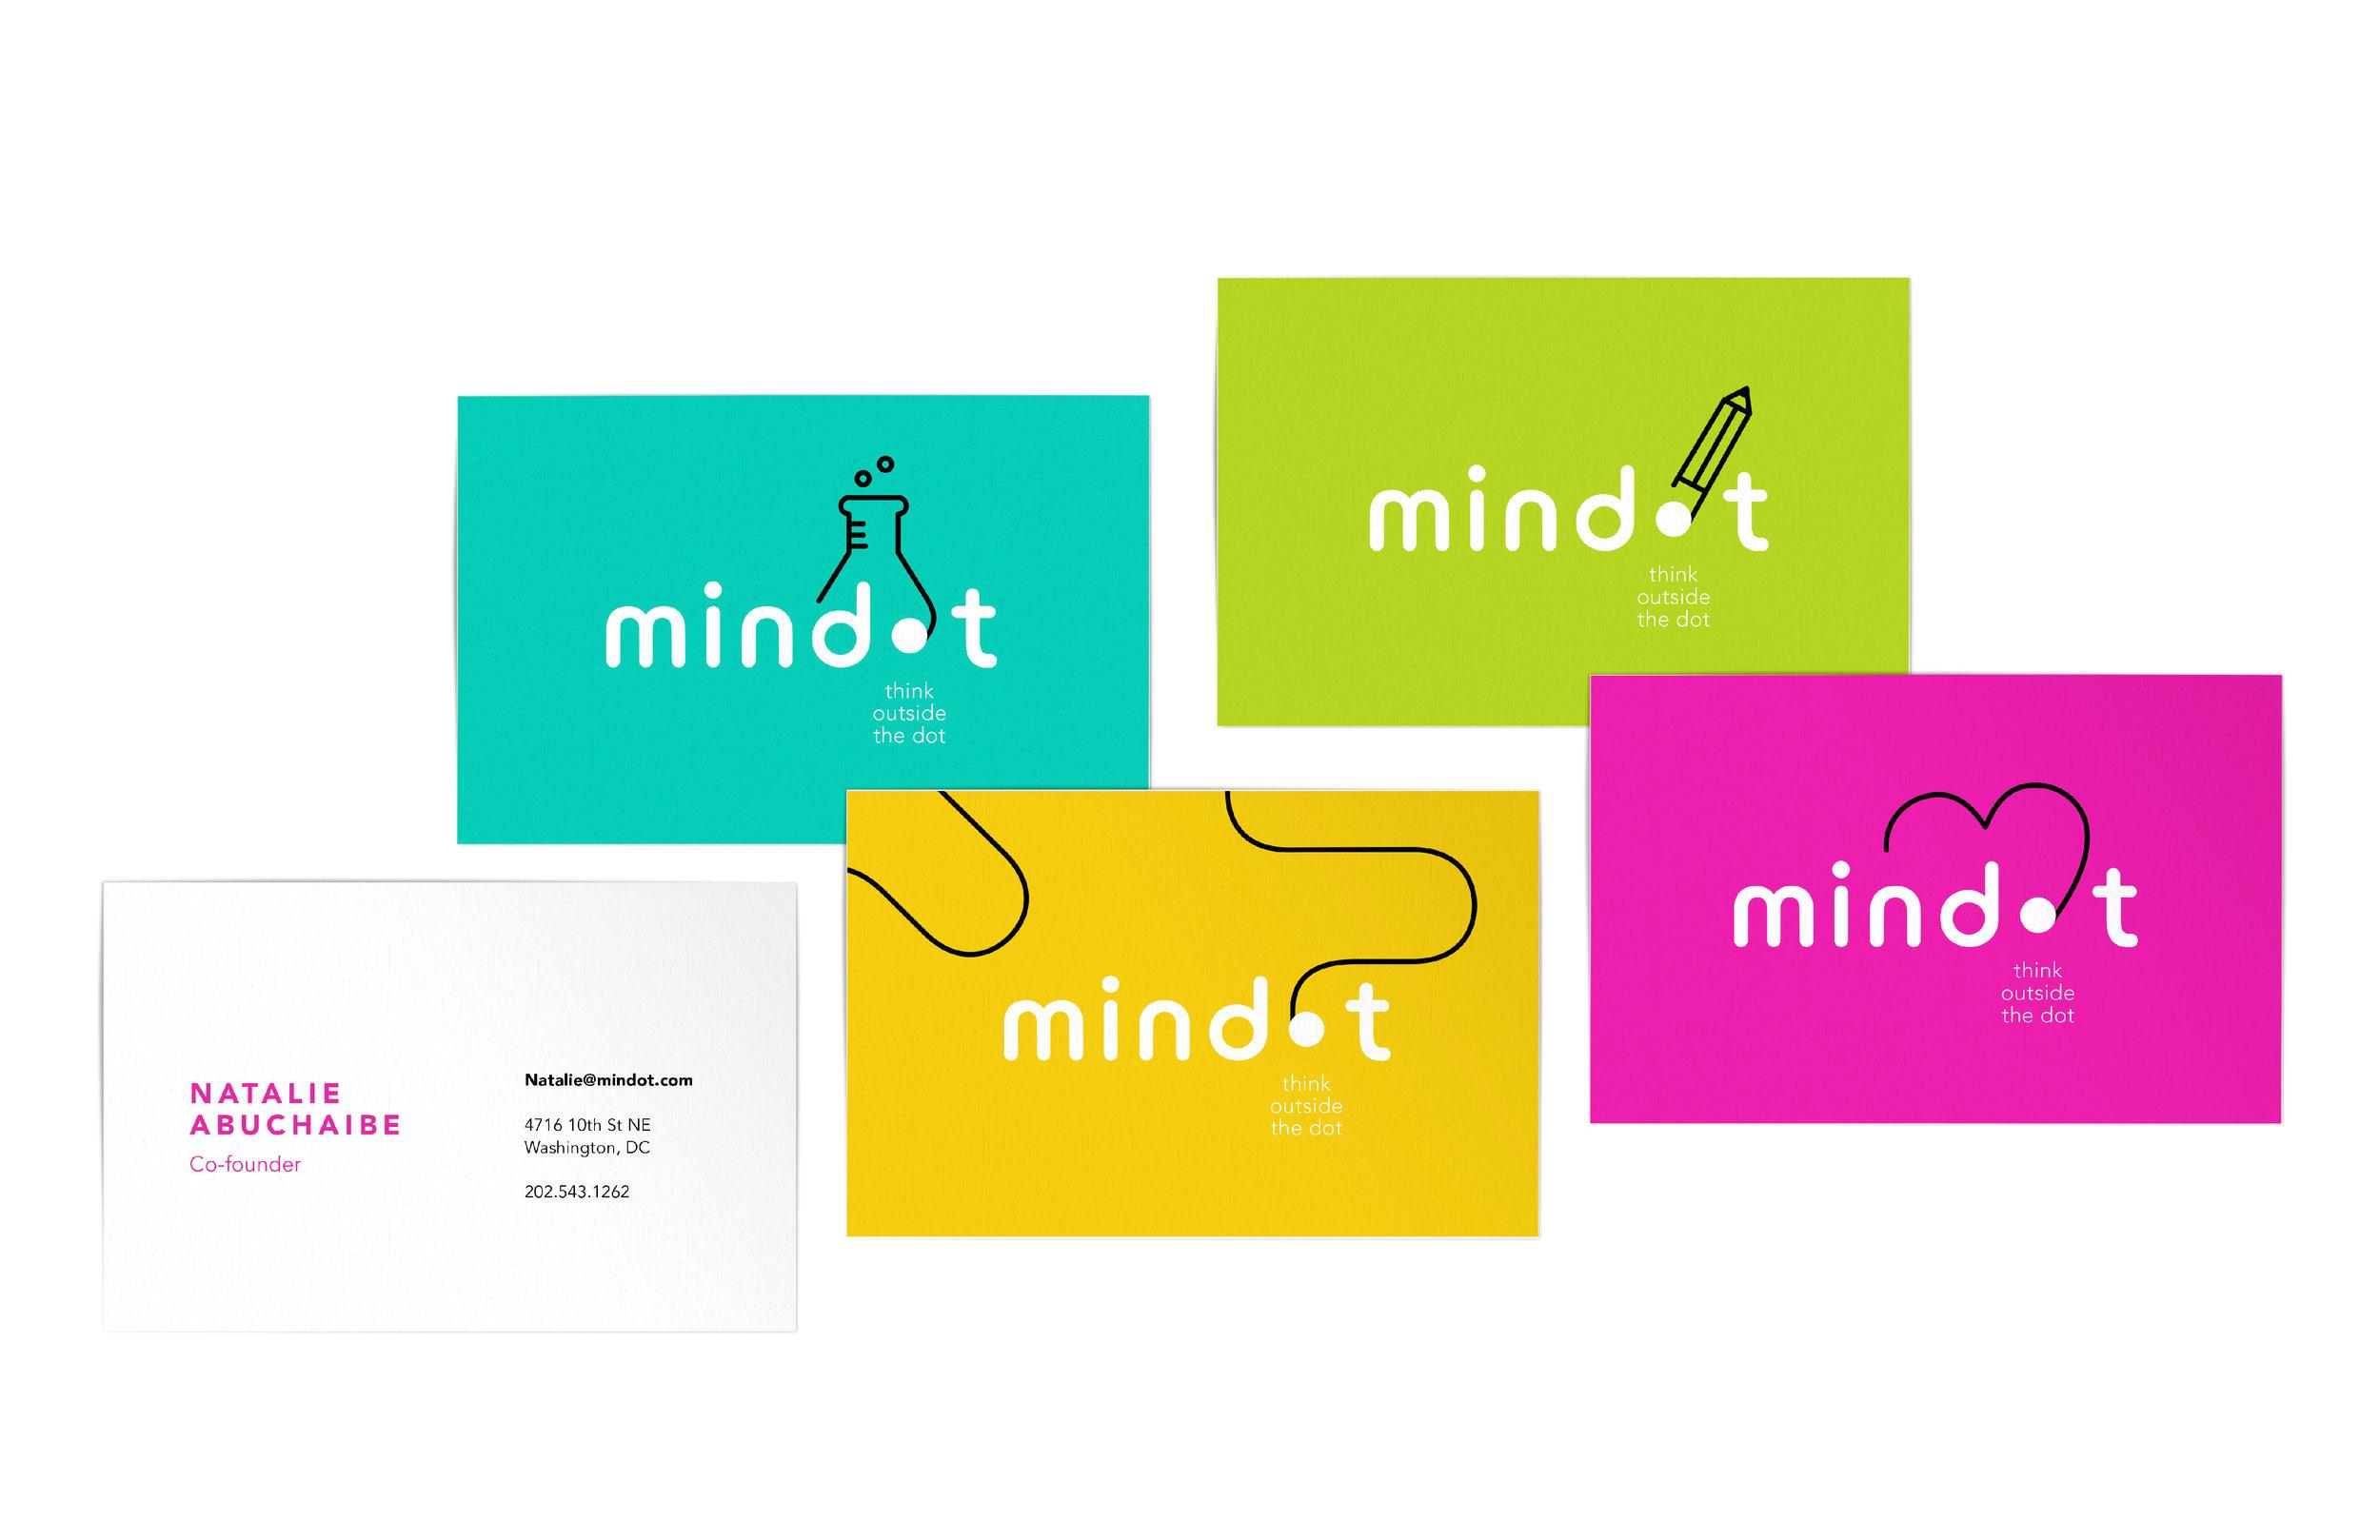 mindot_branding_12312016-24.jpg